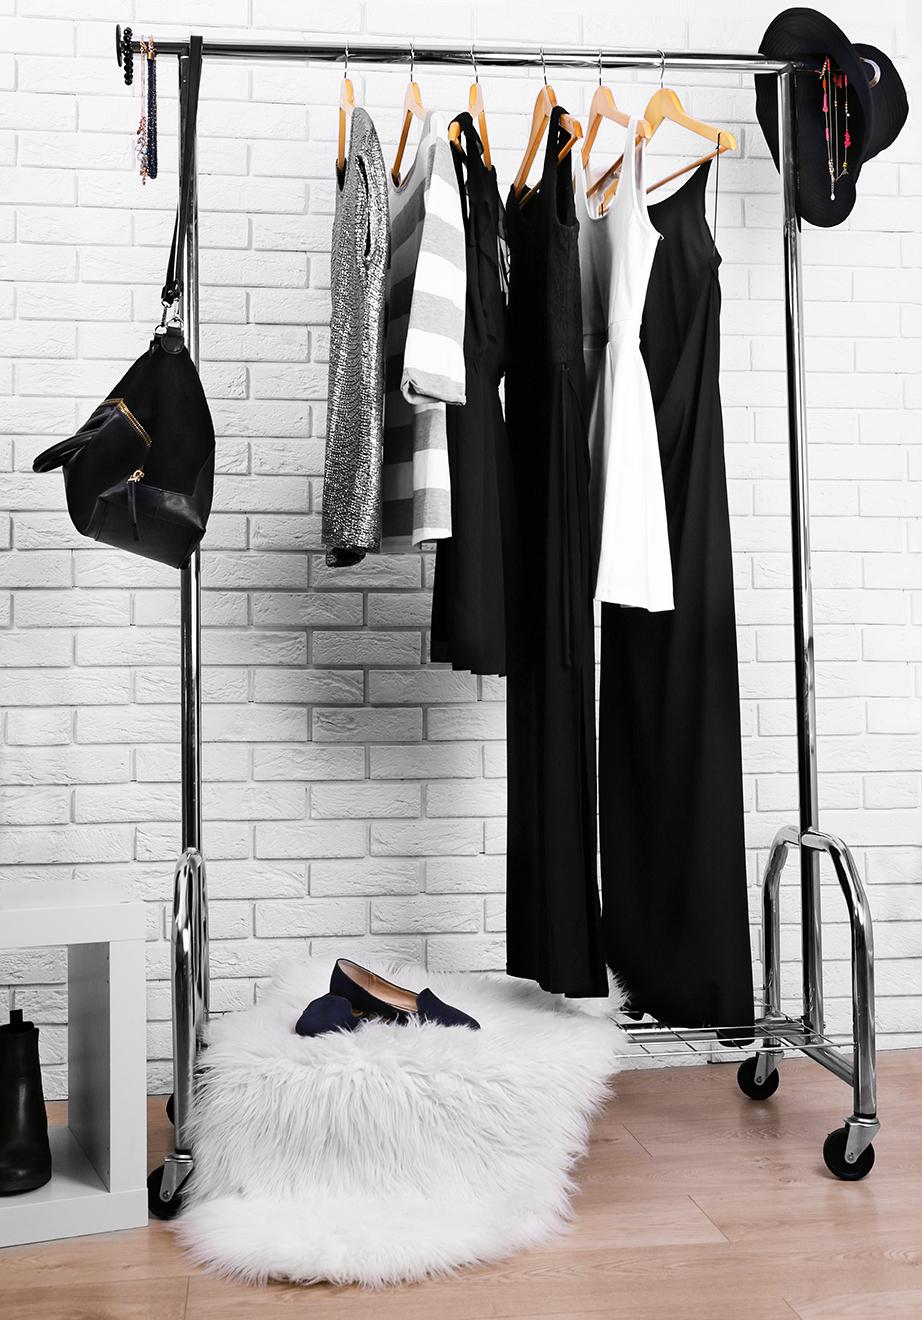 Κάντε τα είδη πρώτης επιλογής ή τα αγαπημένα σας outfits μέρος της διακόσμησης του υπνοδωματίου σας.